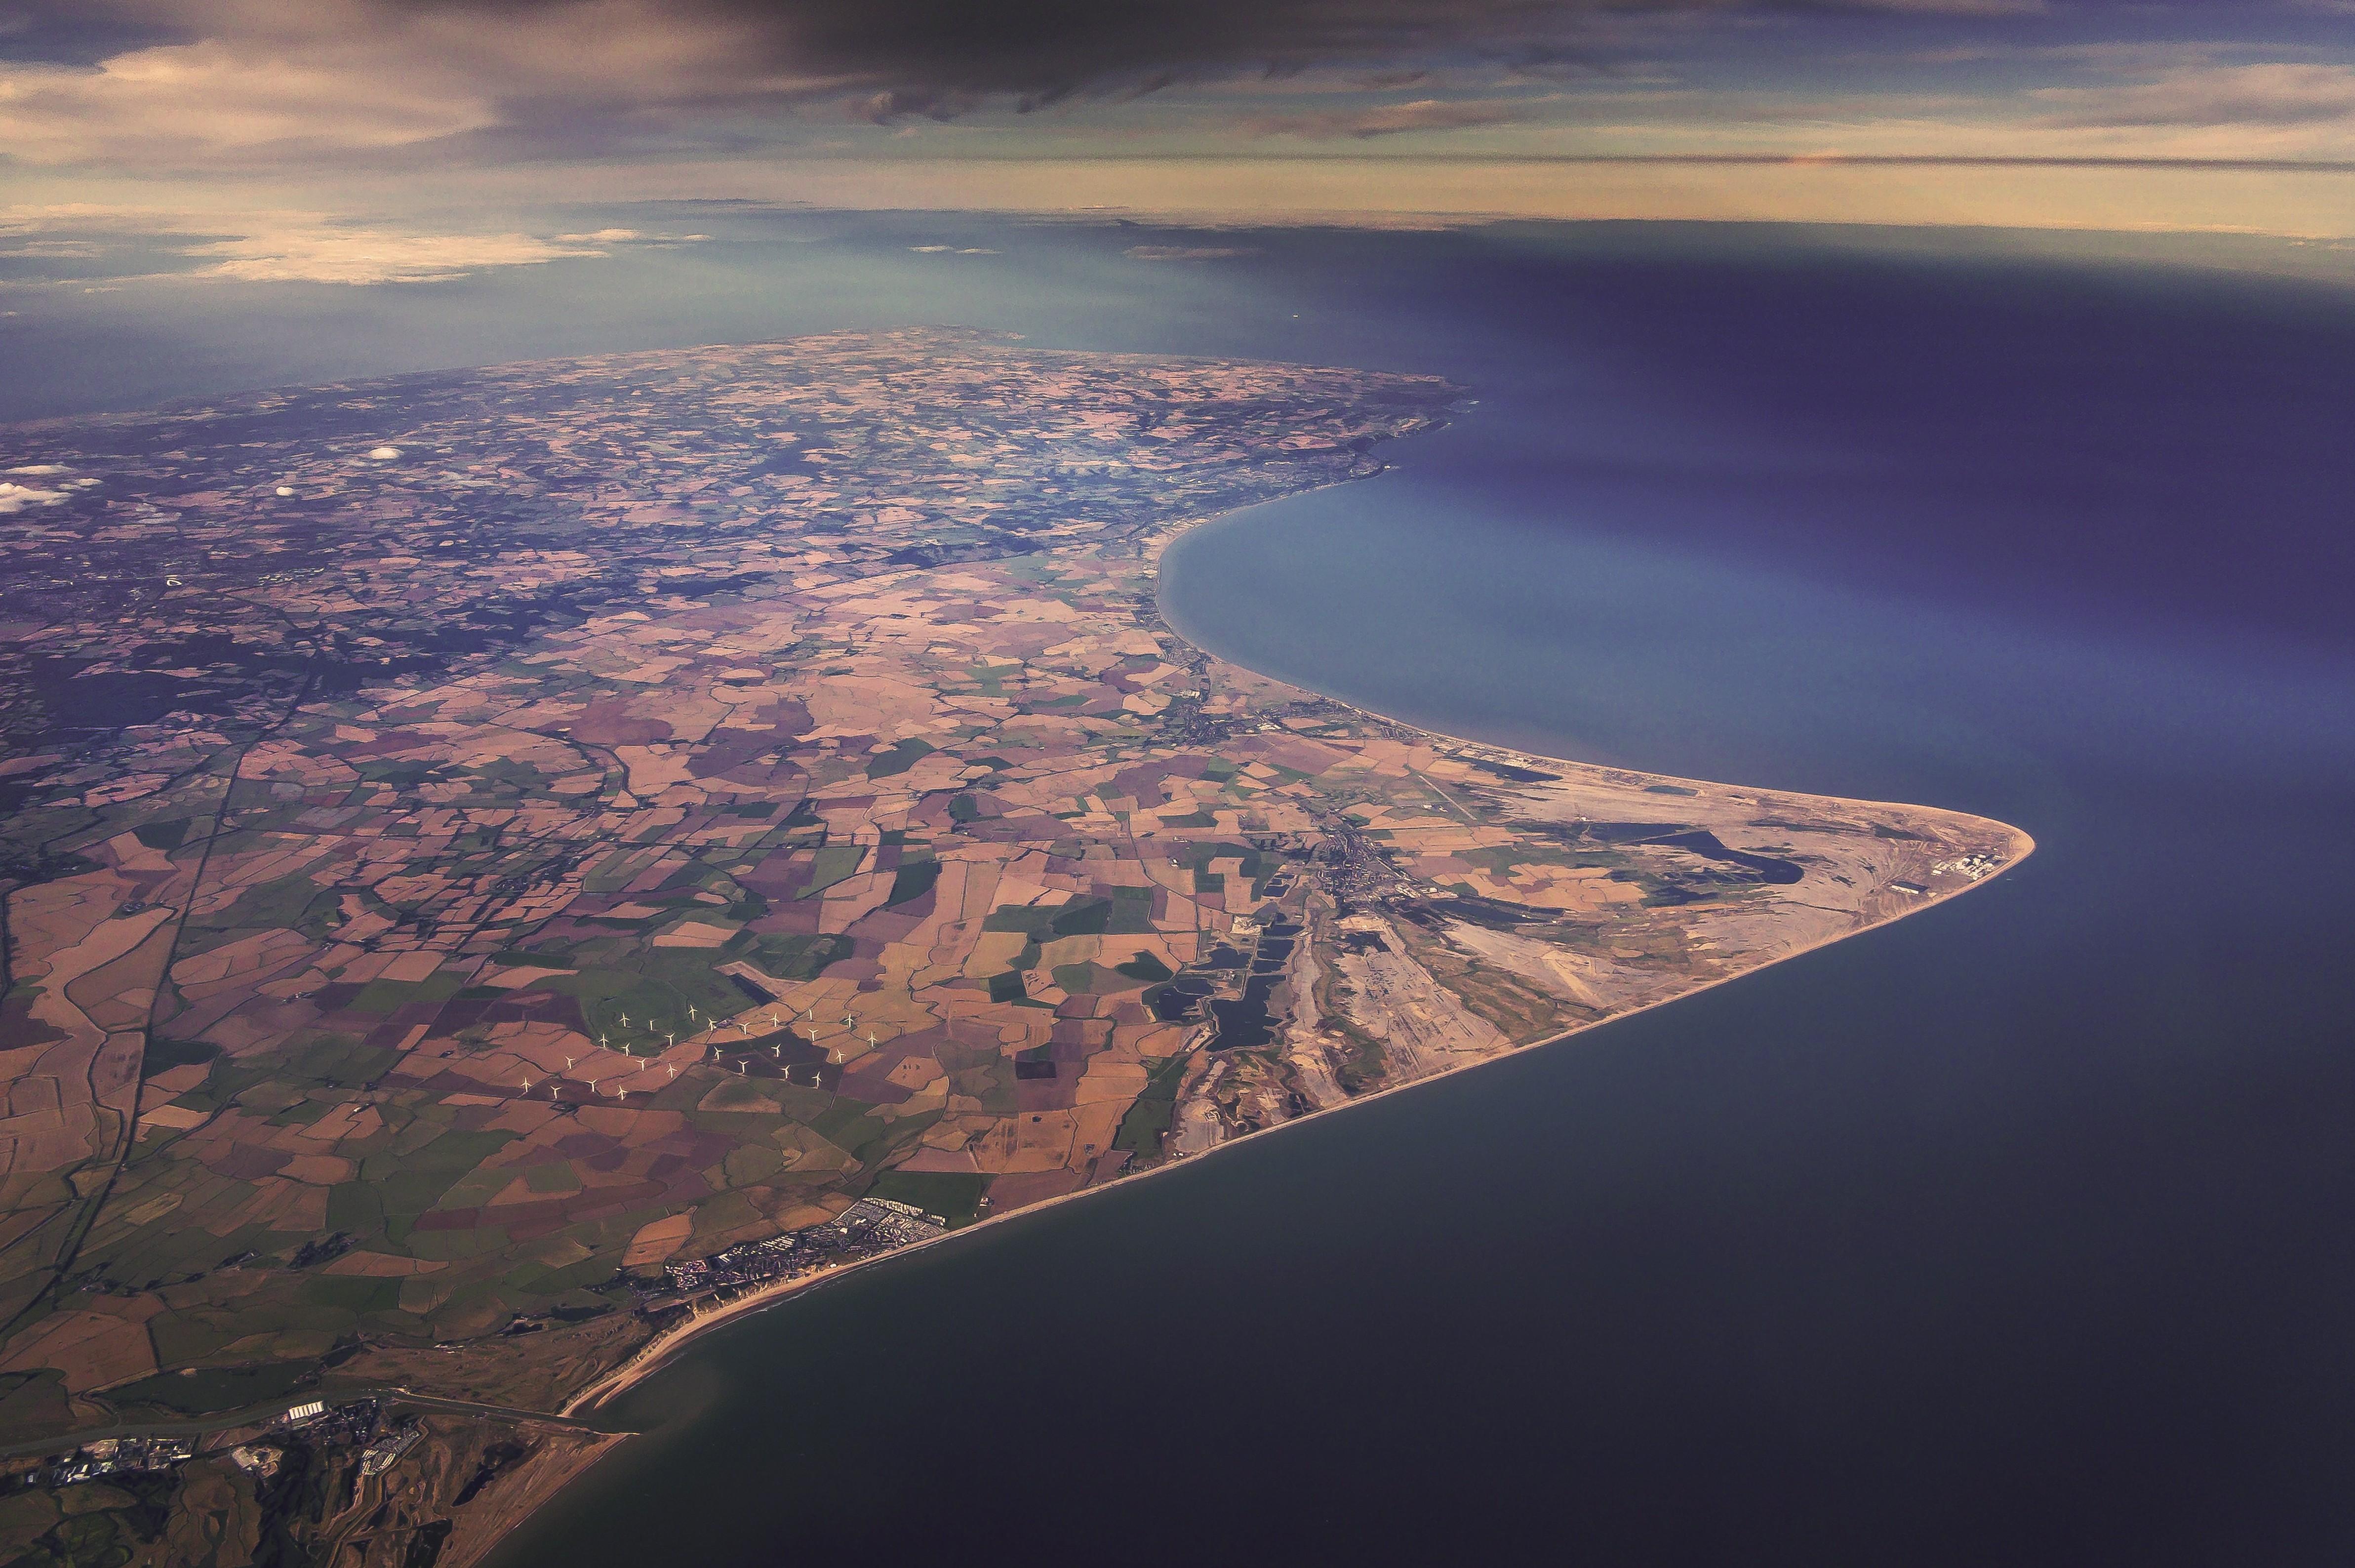 Aerial view of Kent, UK